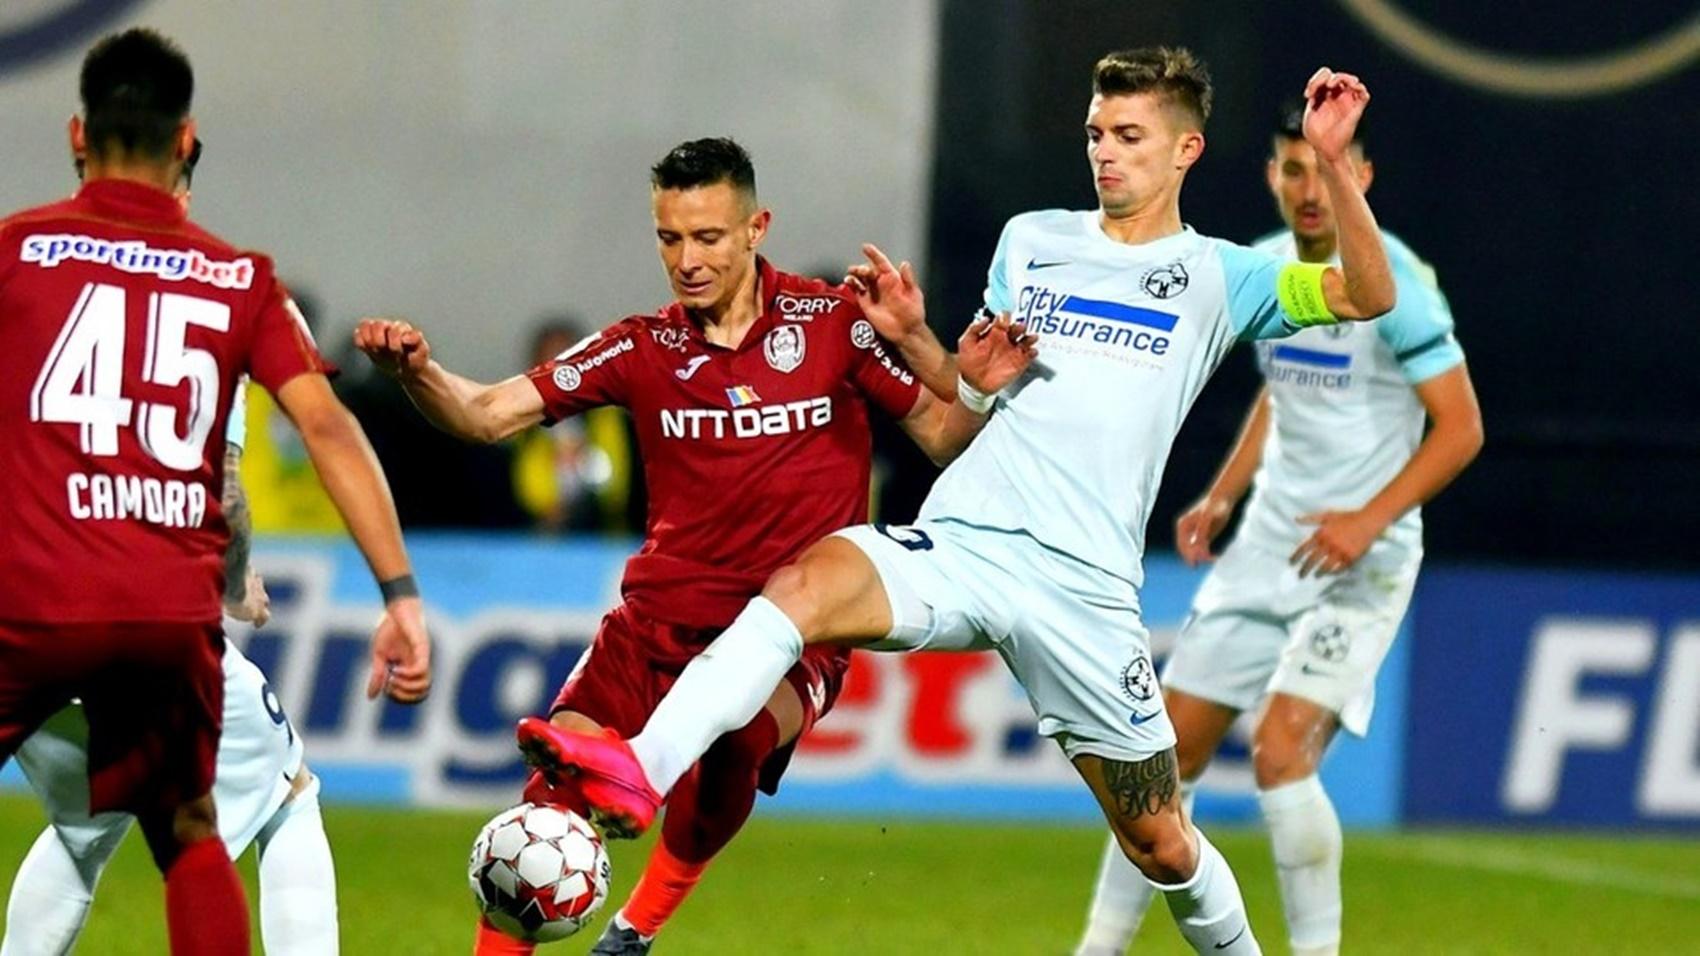 Live Text CFR Cluj - FCSB, ora 21.00. Cel mai așteptat meci al rundei 13 din Liga 1